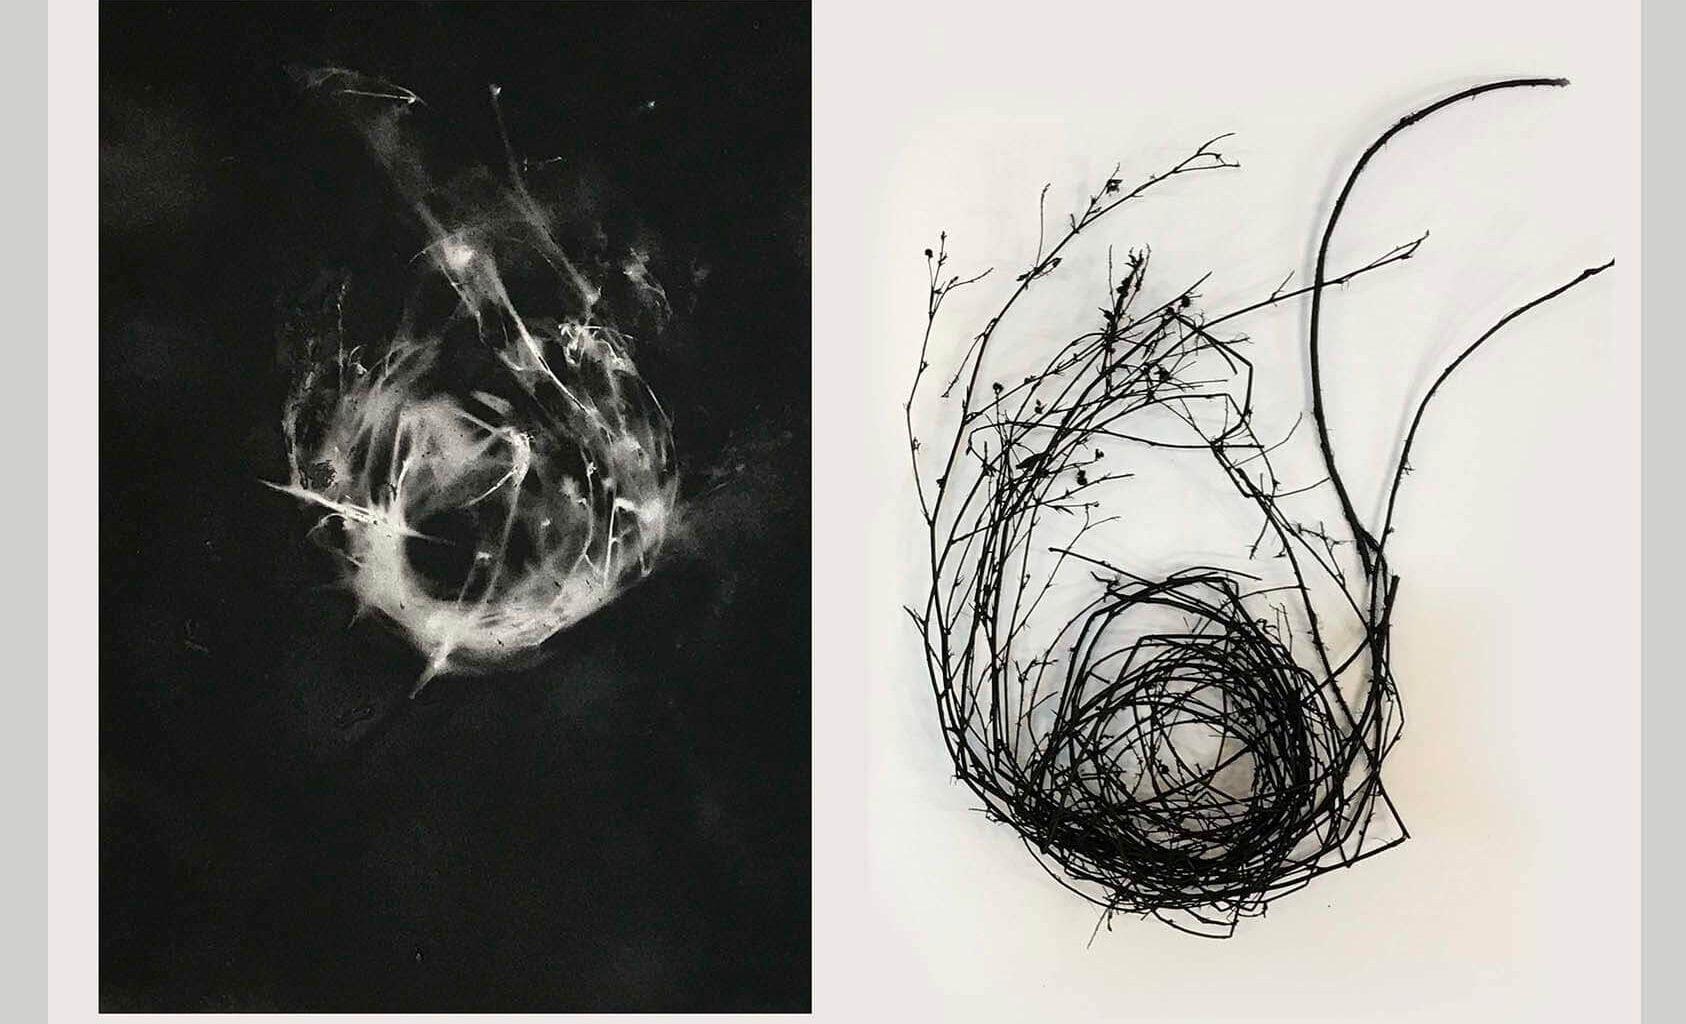 نمایشگاه ملاقات در سلول ، مجموعه آثار آوین فرهادی Avin Farhadi